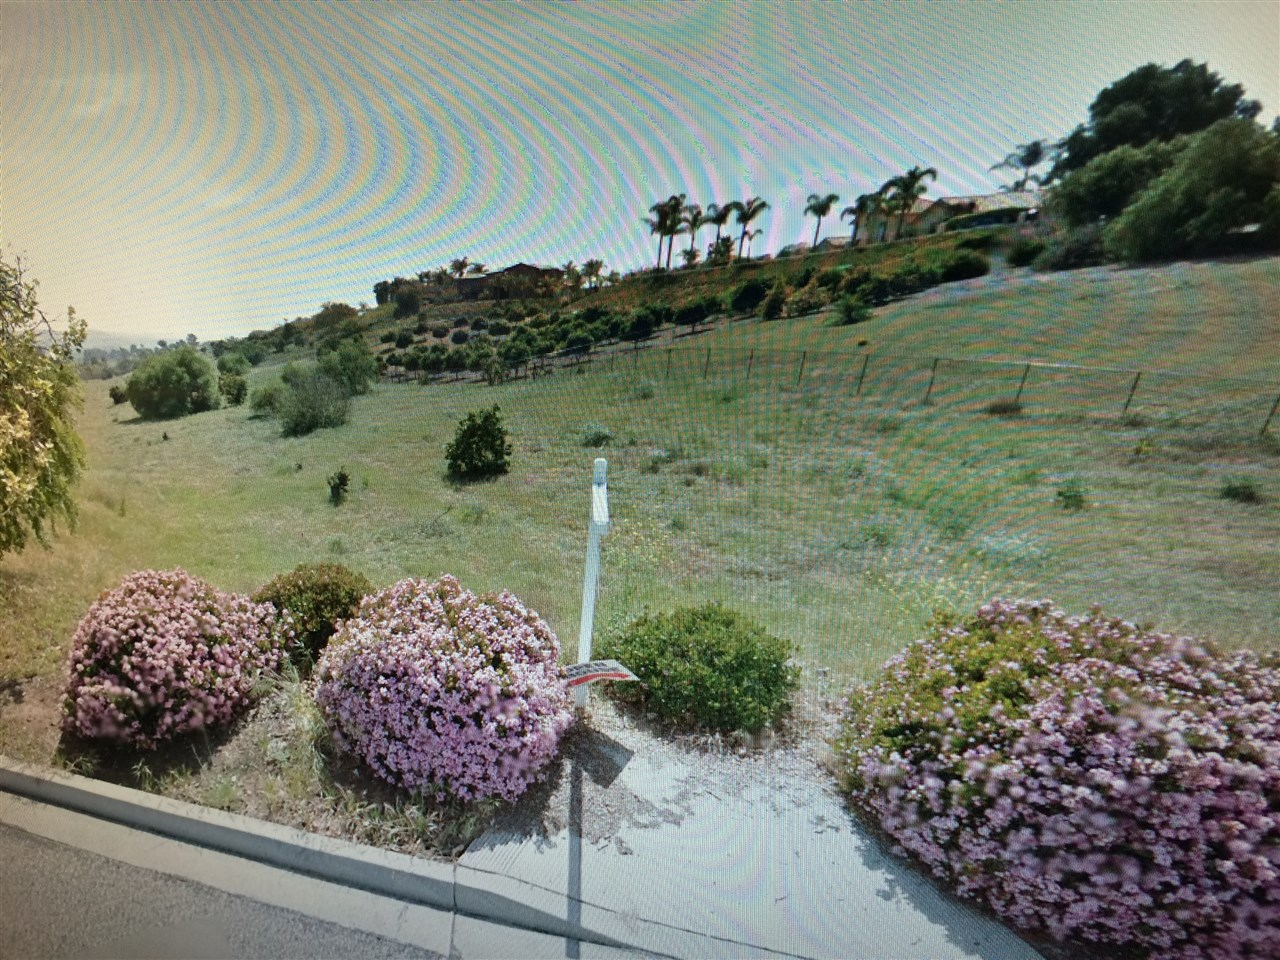 0 Viaduct Monserate #27, Fallbrook, CA 92028